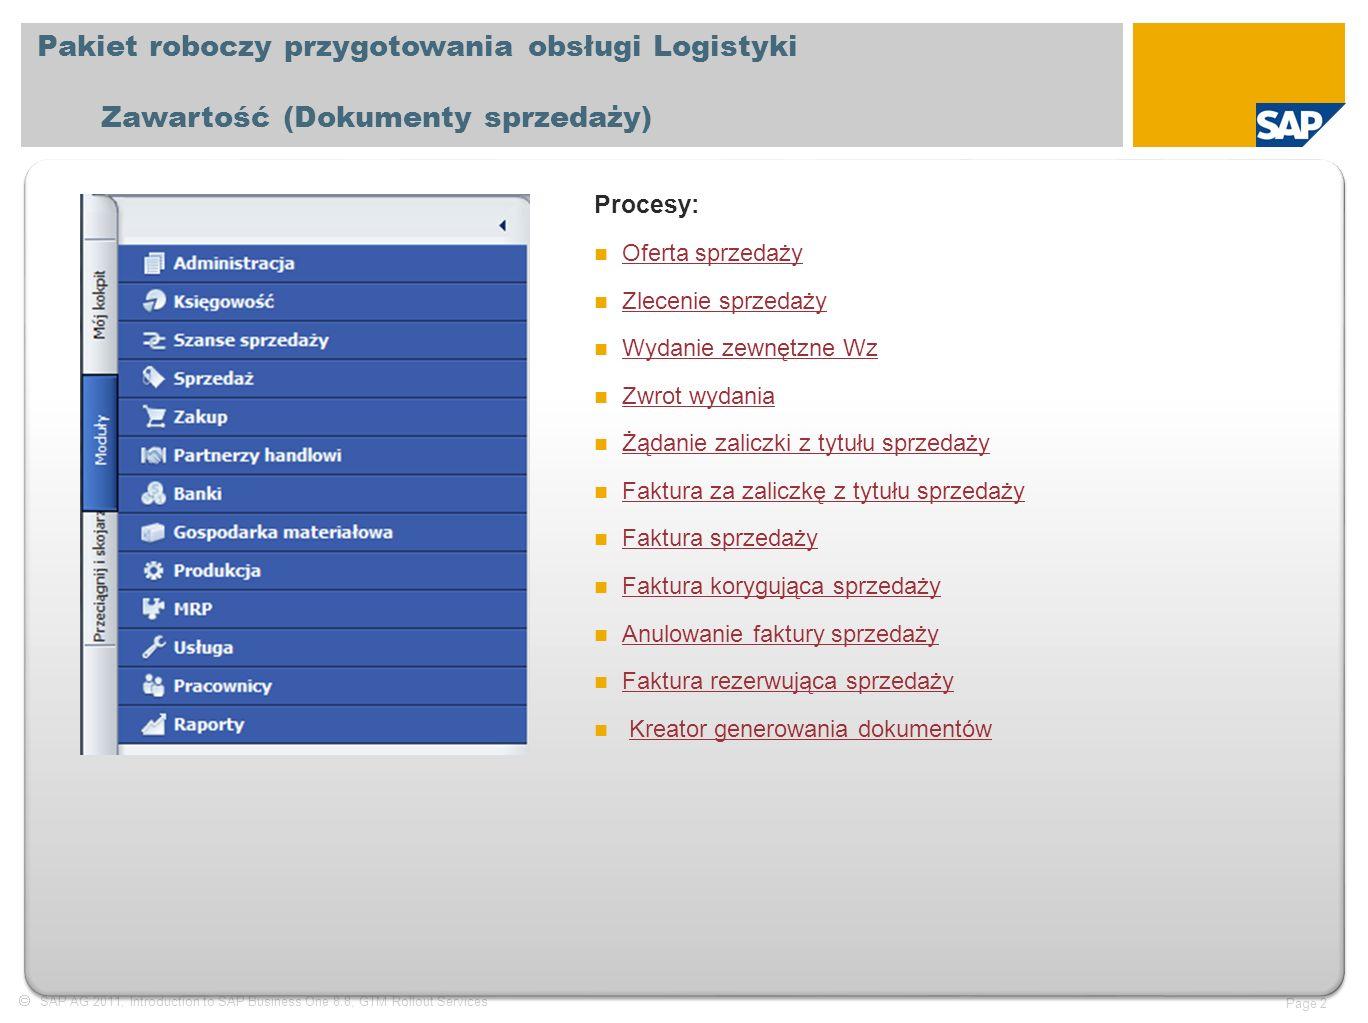  SAP AG 2011, Introduction to SAP Business One 8.8, GTM Rollout Services Page 2 Pakiet roboczy przygotowania obsługi Logistyki Zawartość (Dokumenty sprzedaży) Procesy: Oferta sprzedaży Zlecenie sprzedaży Wydanie zewnętzne Wz Zwrot wydania Żądanie zaliczki z tytułu sprzedaży Faktura za zaliczkę z tytułu sprzedaży Faktura sprzedaży Faktura korygująca sprzedaży Anulowanie faktury sprzedaży Faktura rezerwująca sprzedaży Kreator generowania dokumentów